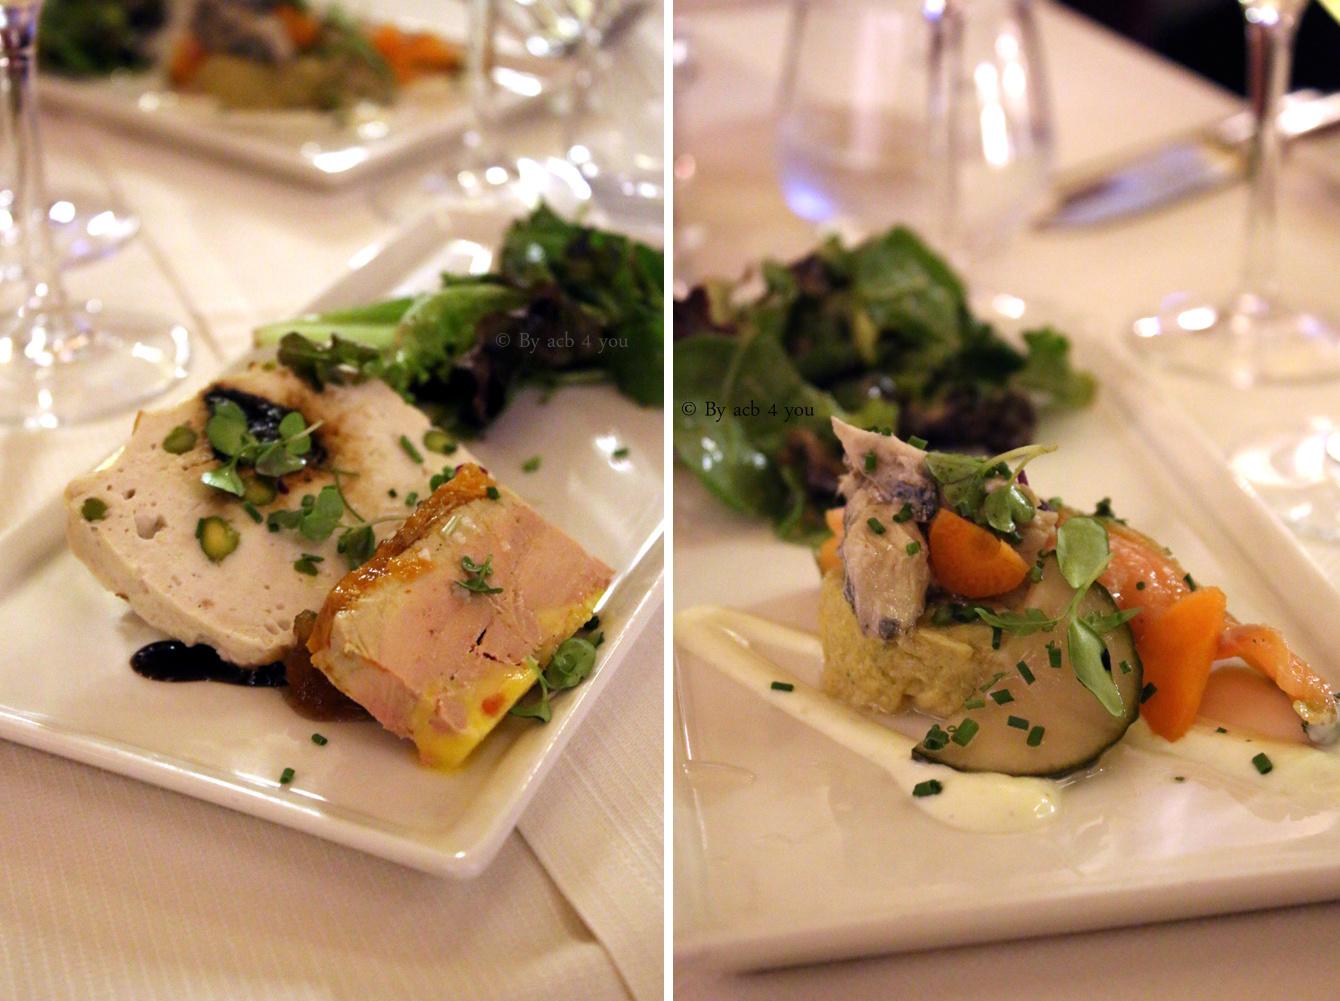 Rillettes de confit de canard, terrine de volaille aux pistaches, foie gras de canard maison ou Crémeux de cabillaud aux herbes fraîches, crabe et crevette épicées, saumon mariné tradition